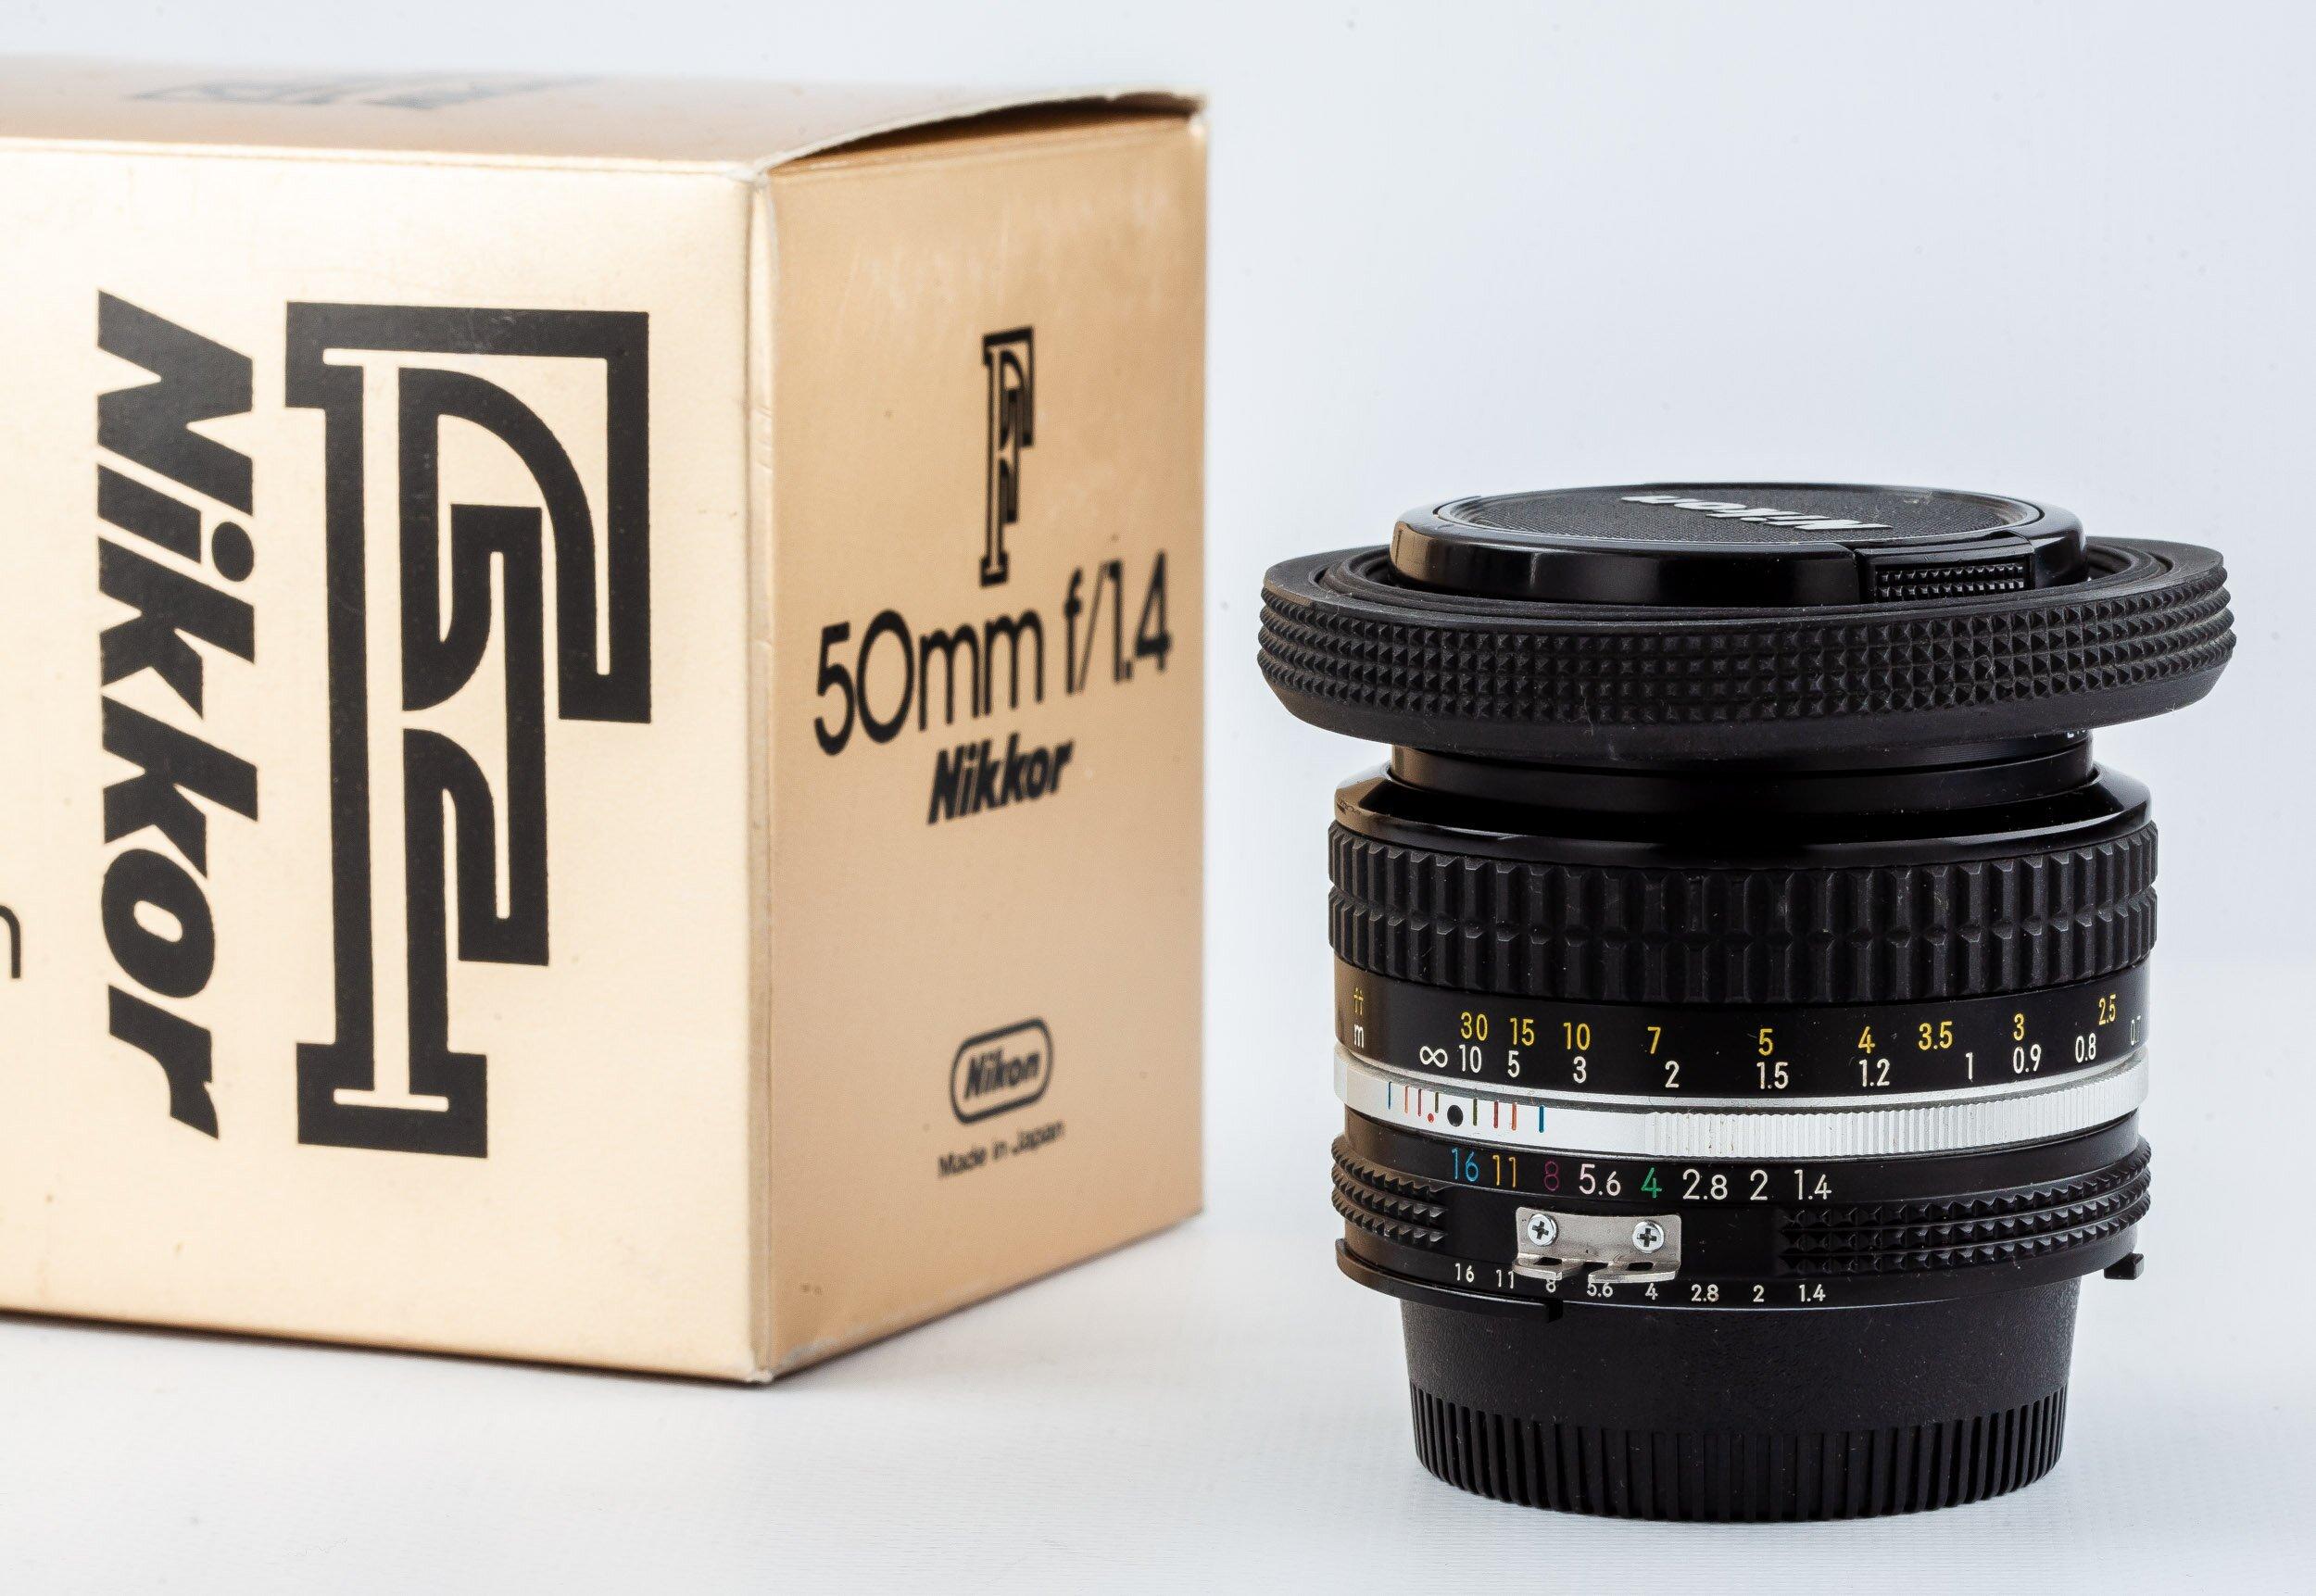 Nikon Nikkor 50mm f/1,4 AI